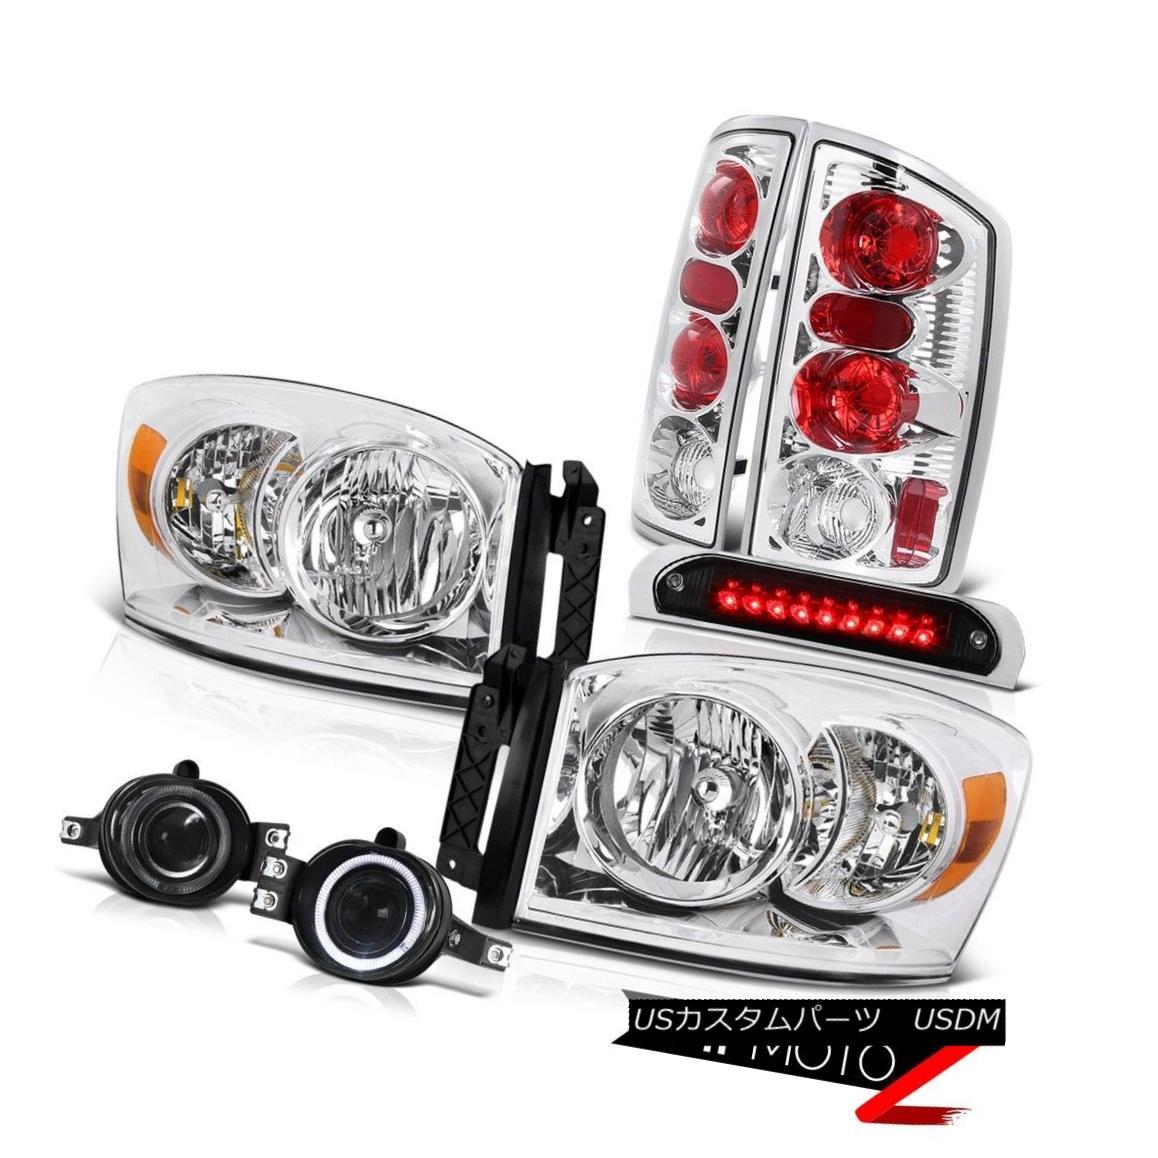 テールライト Chrome Headlights Rear Tail Lights Projector Foglamps LED Black 2006 Ram Hemi クロームヘッドライトリアテールライトプロジェクターフォグランプLEDブラック2006ラムヘミ